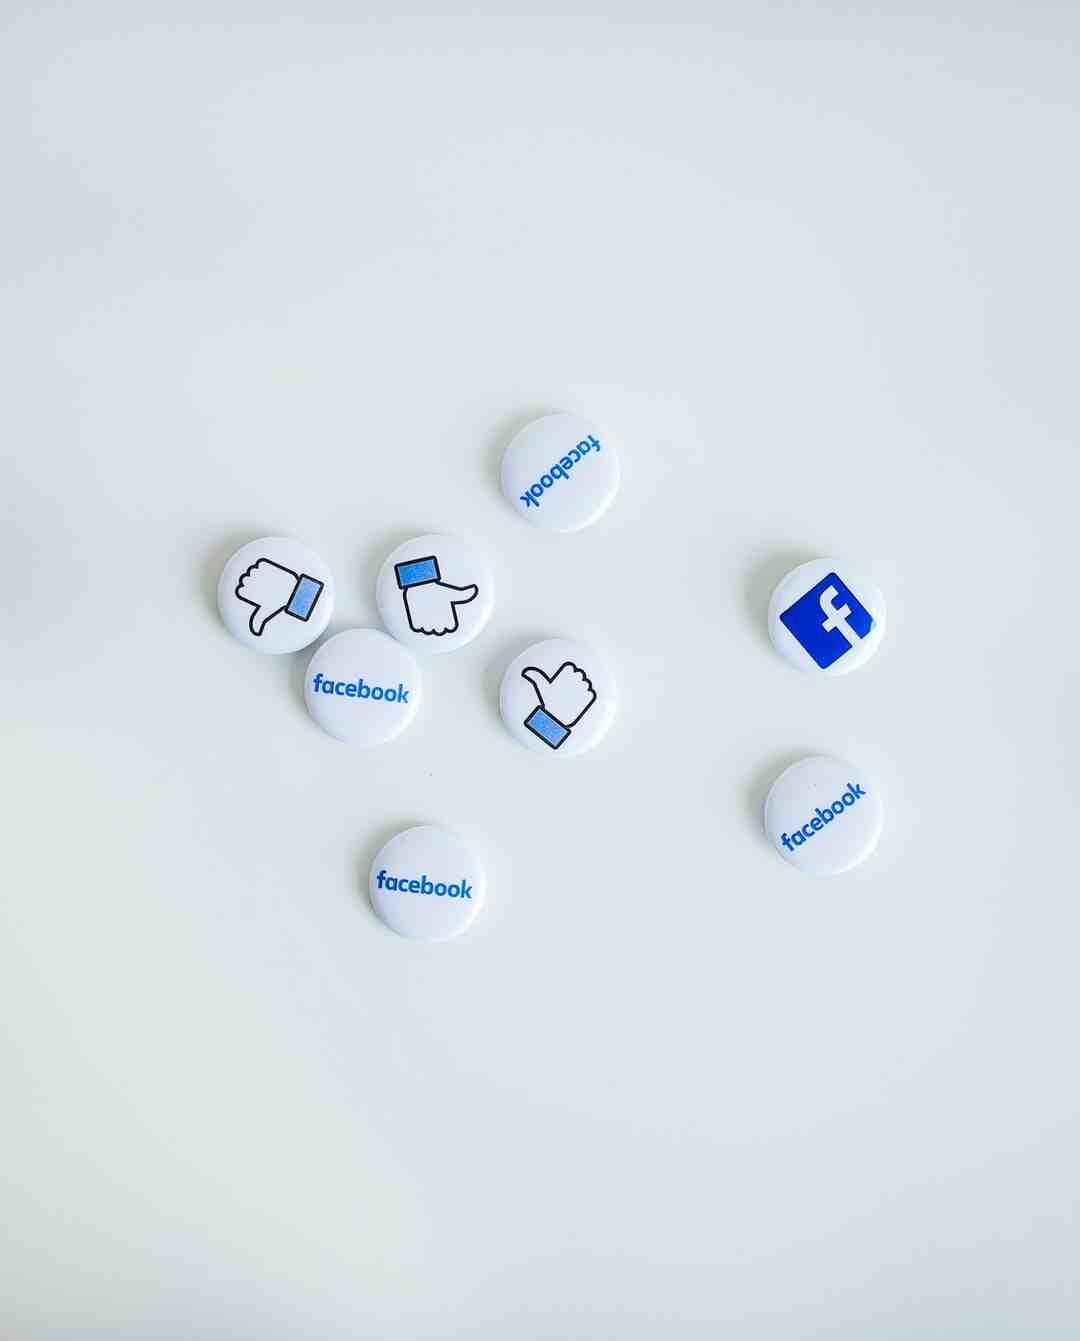 Comment voir un compte Facebook ?